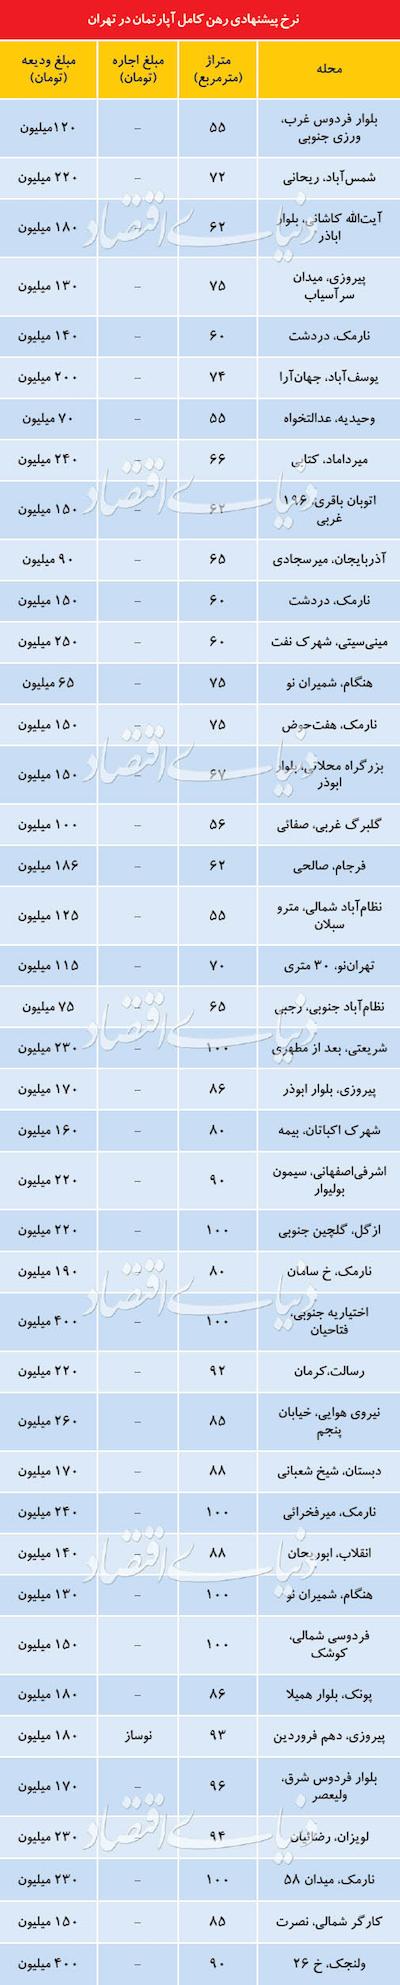 وضعیت بازار اجاره آپارتمان در تهران